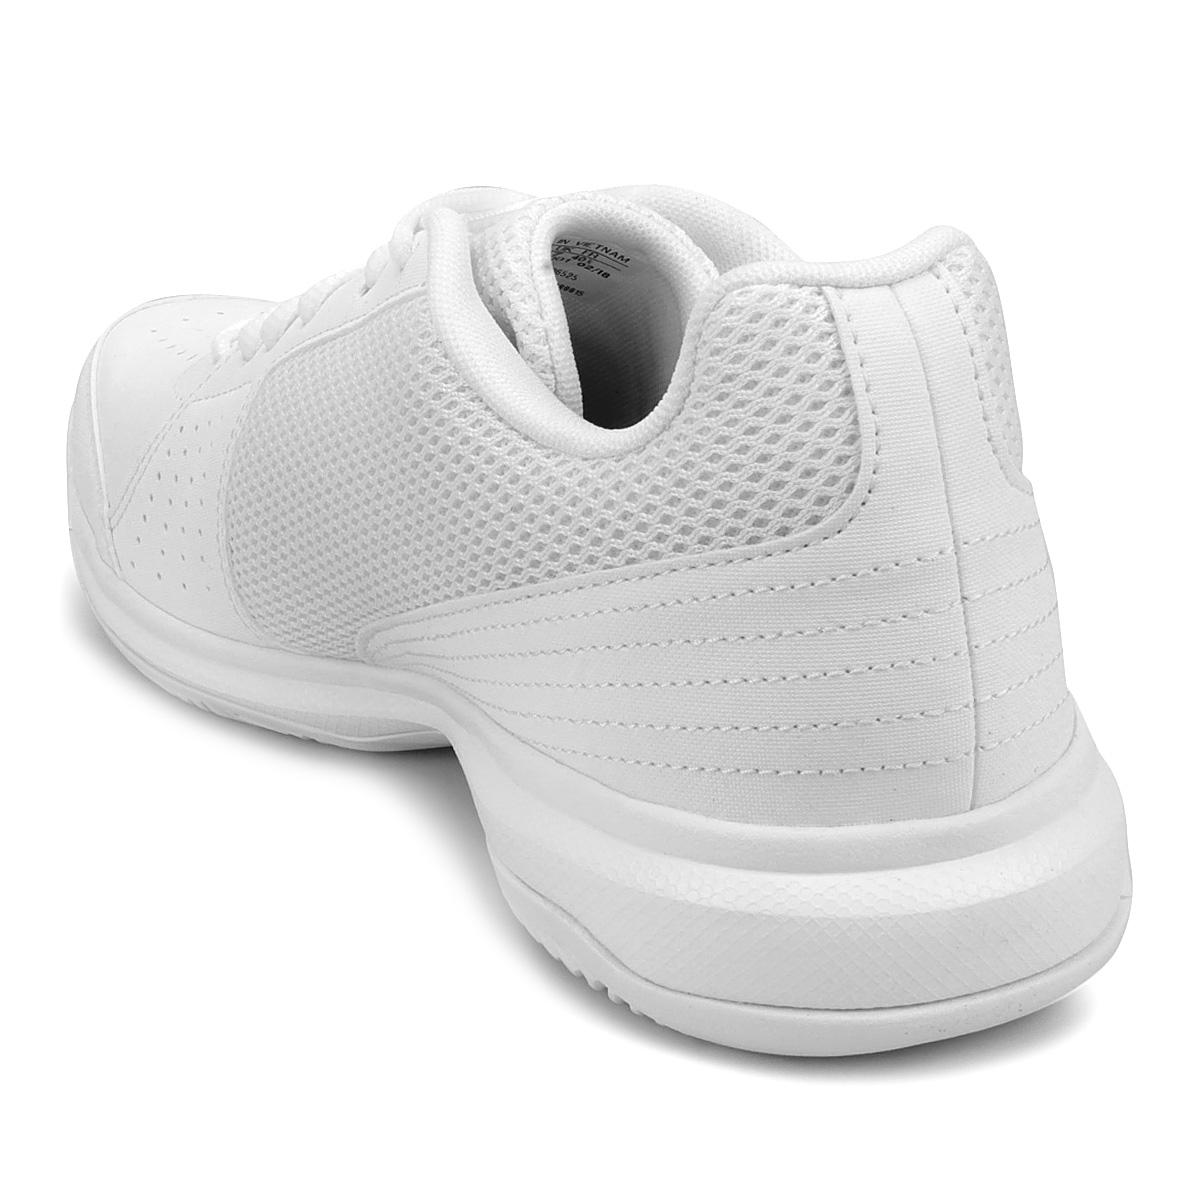 37e654a894 Tênis Adidas Approach Branco , Vivano Sports - A loja do tenista